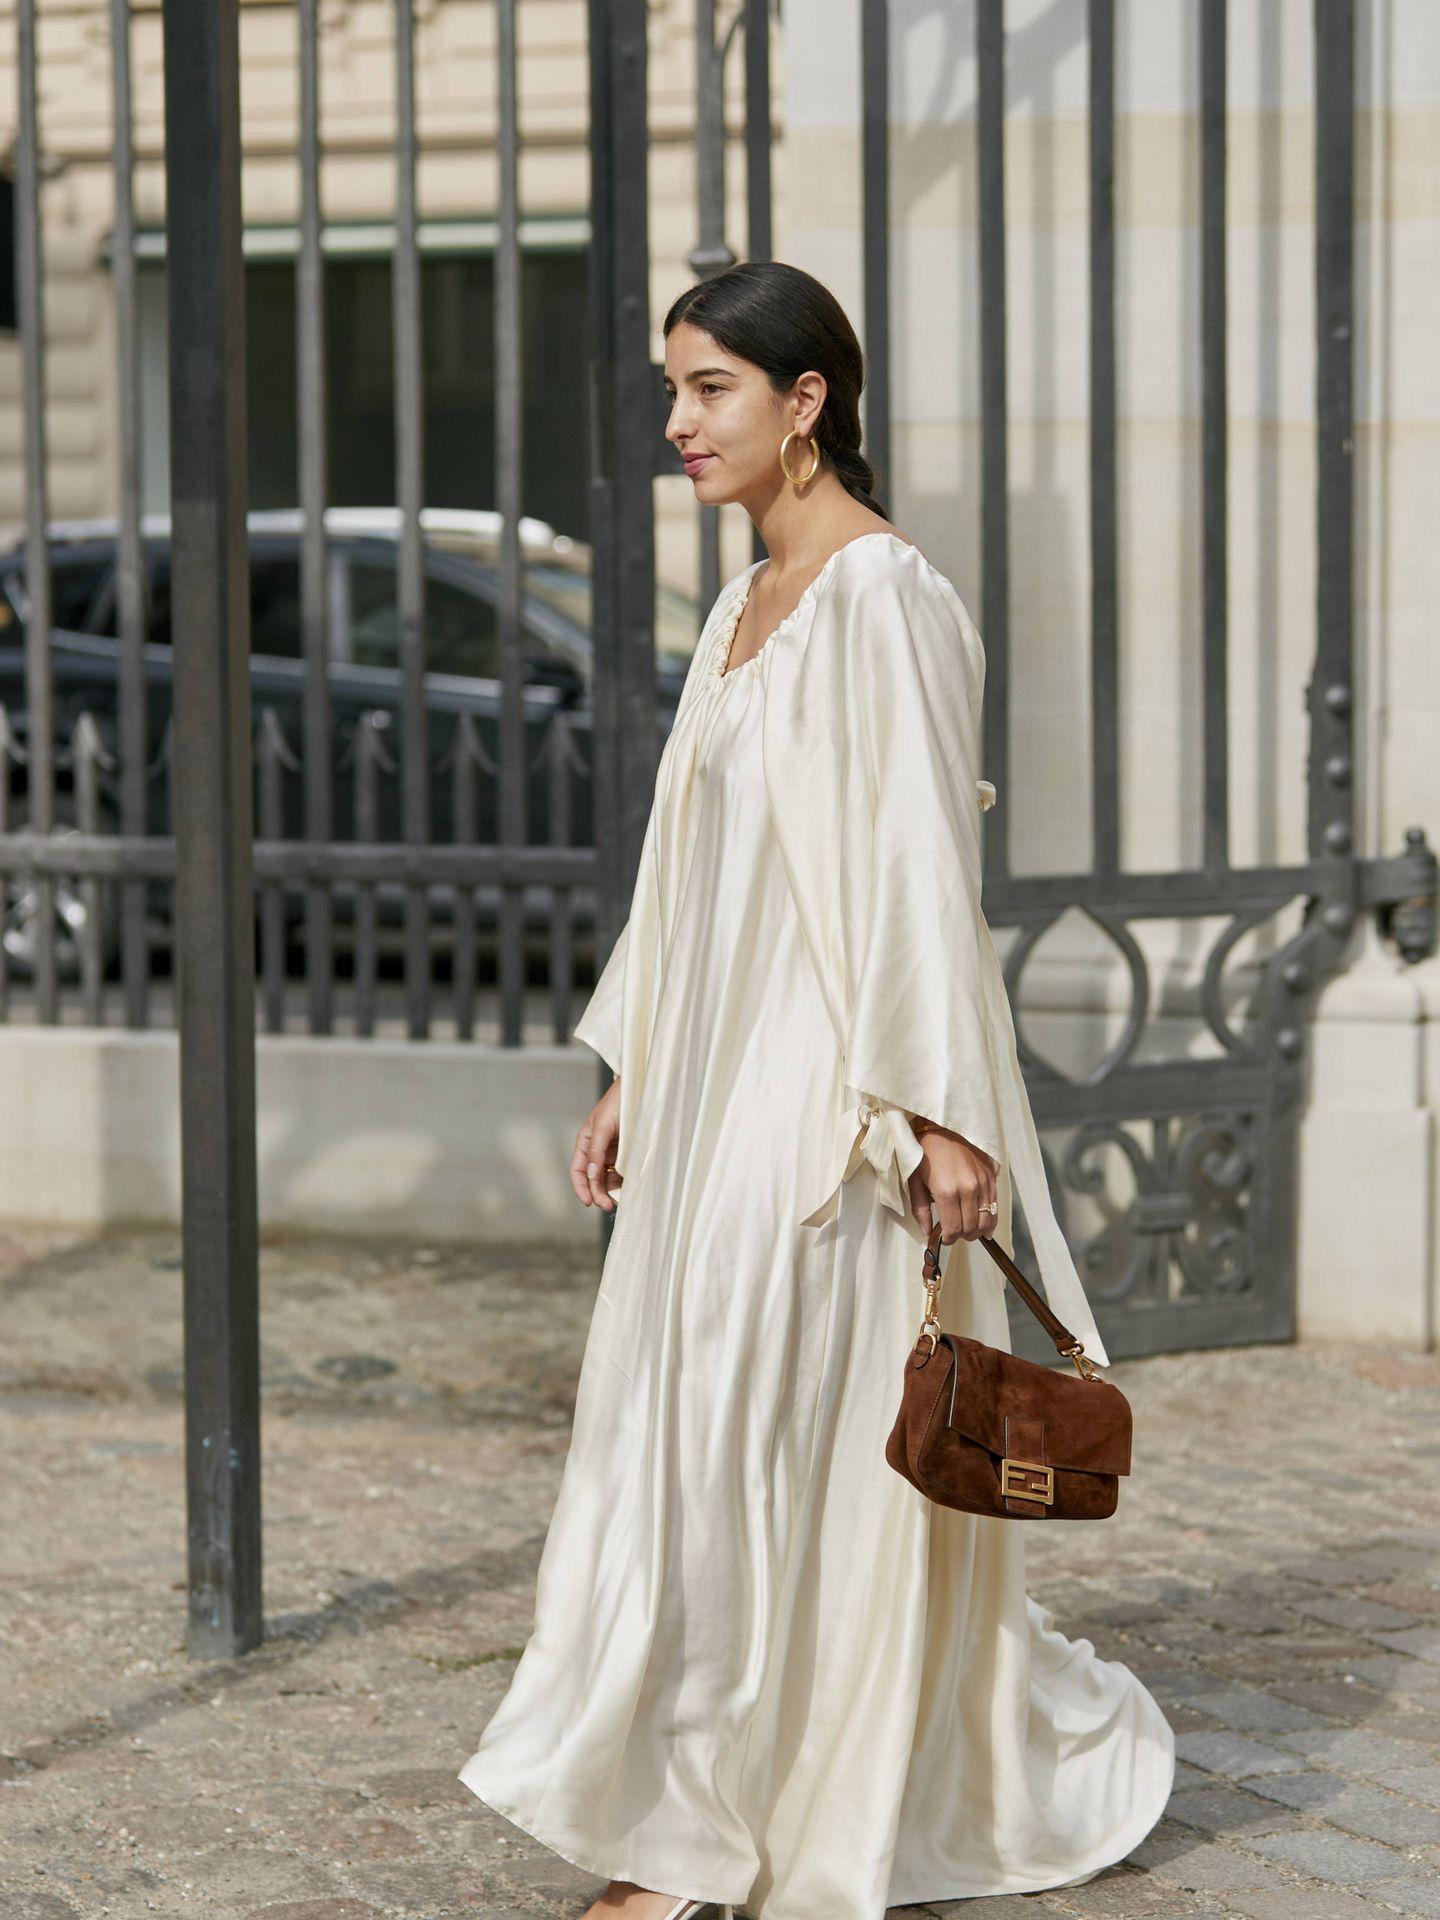 Un vestido blanco para soñar. (Imaxtree)